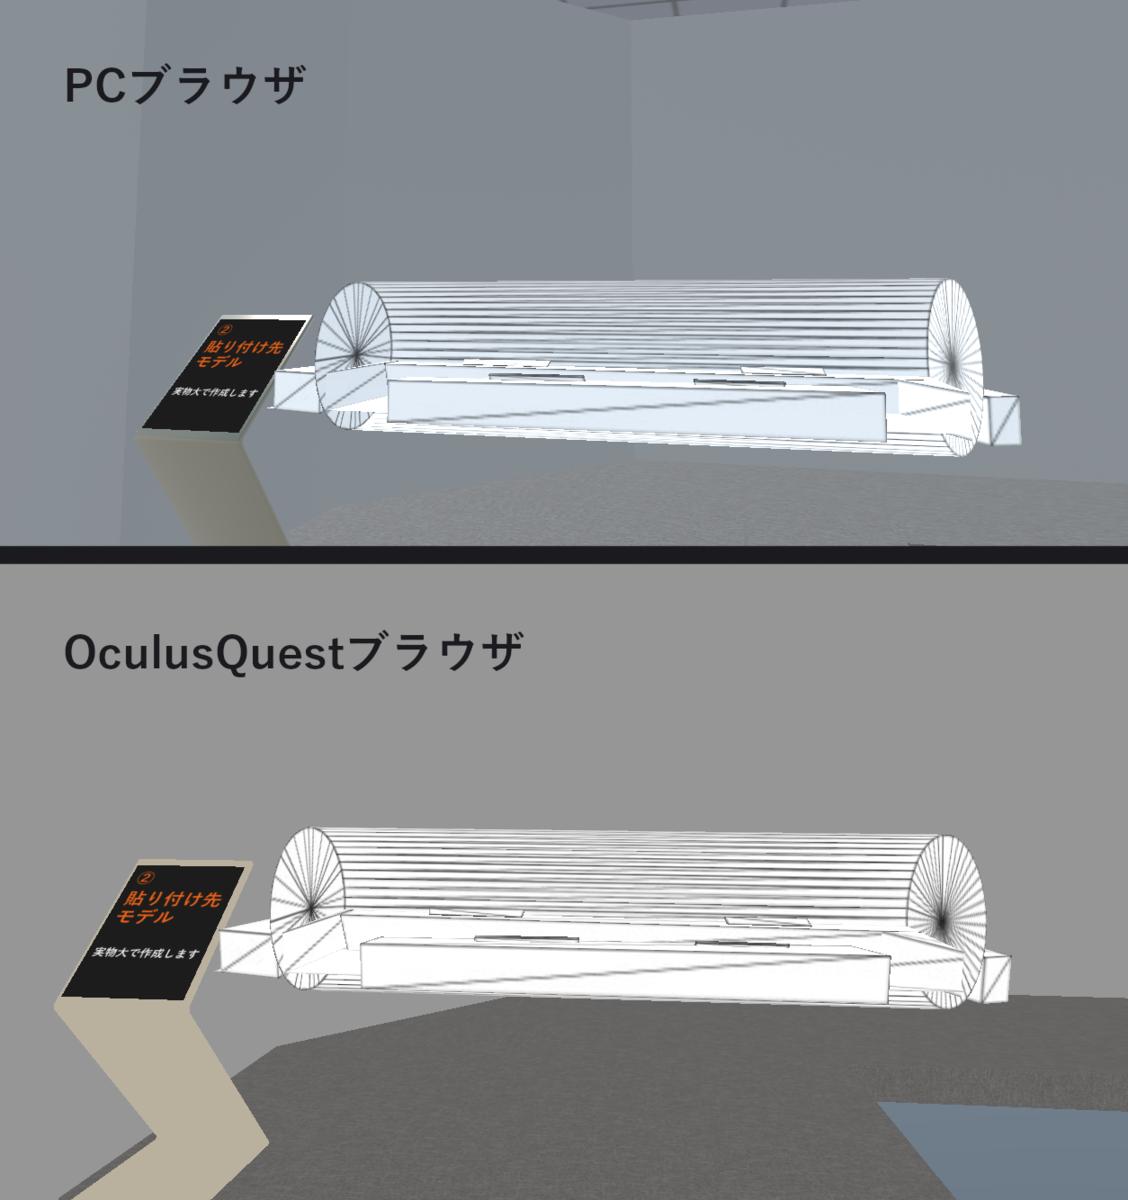 f:id:fv_ishii:20201216022520p:plain